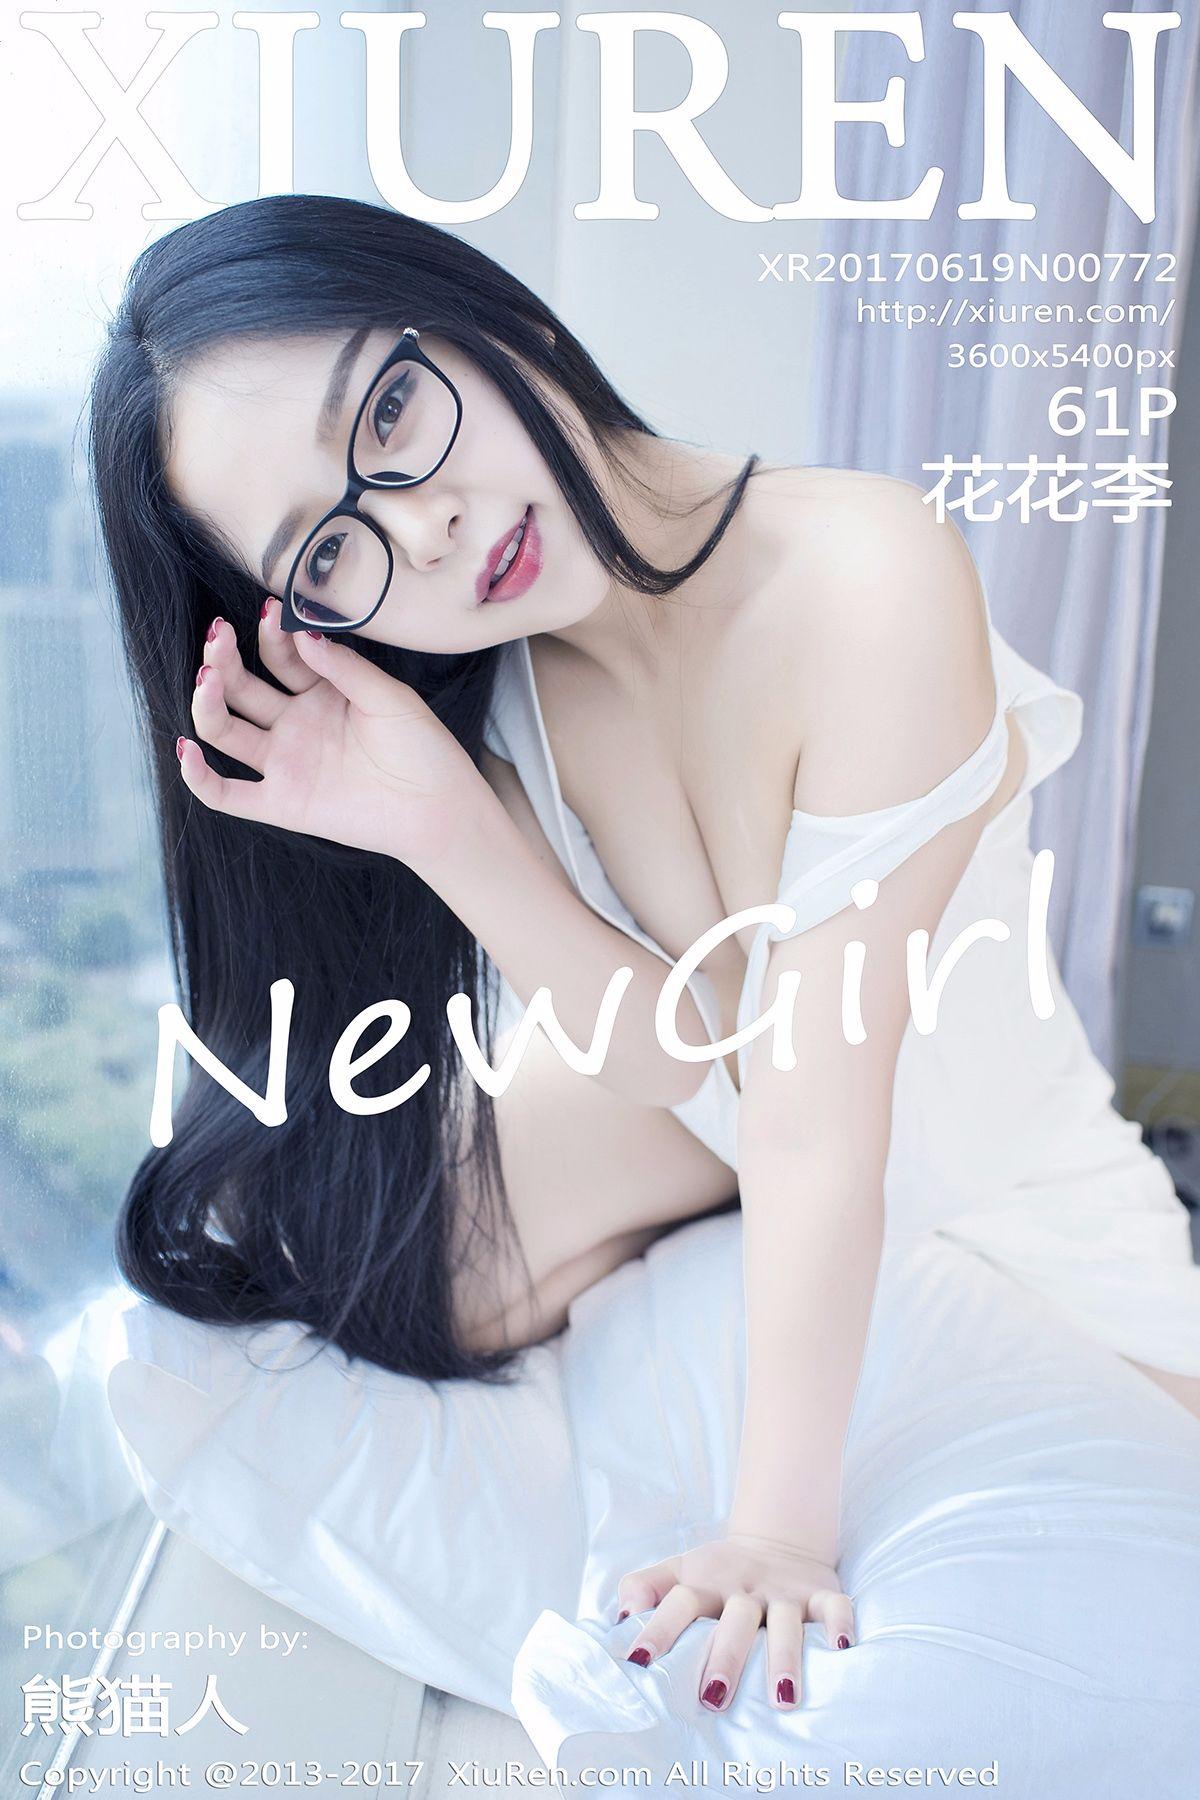 [XIUREN秀人网] 2017-06-19 No 772